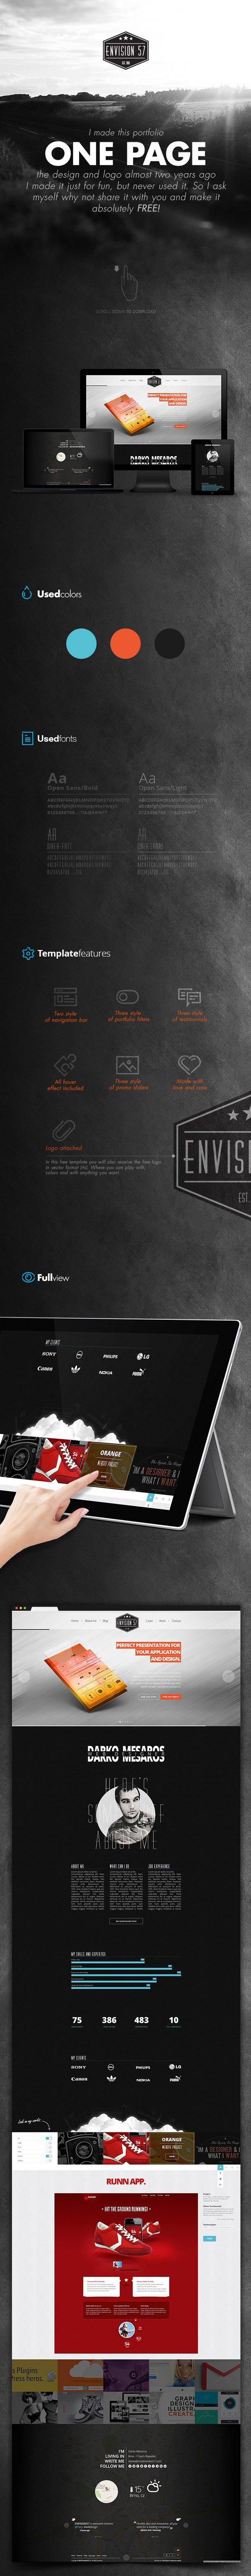 Envision 57 - шаблон одностраничного сайта (.Psd) скачать бесплатно